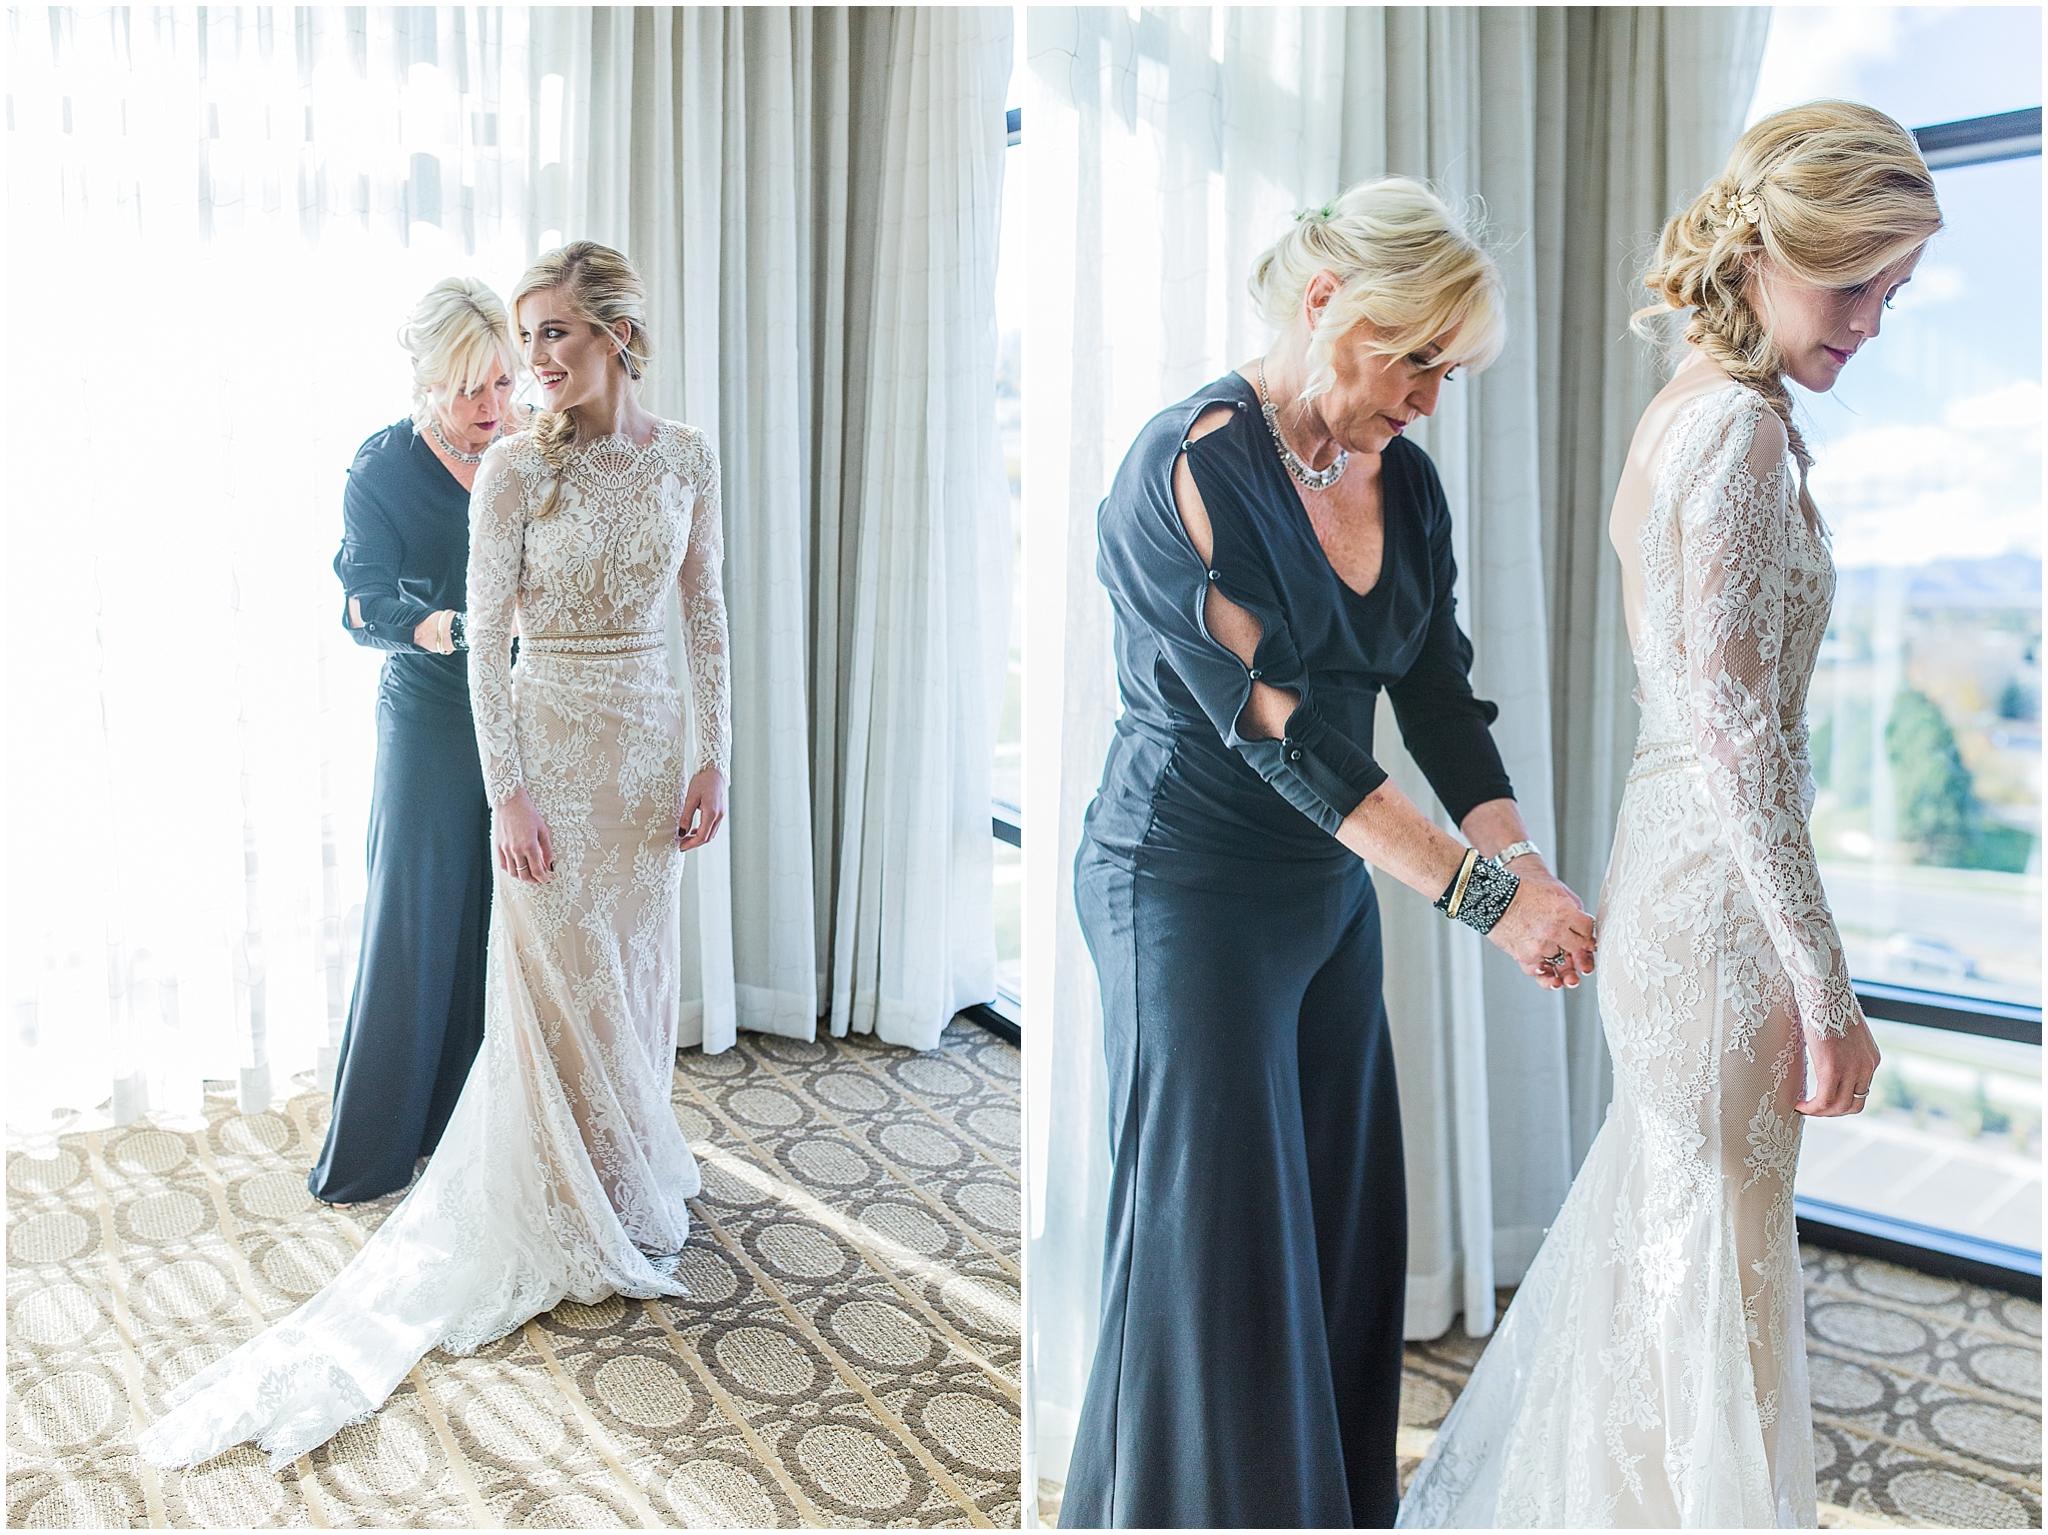 Colorado Bridal gown